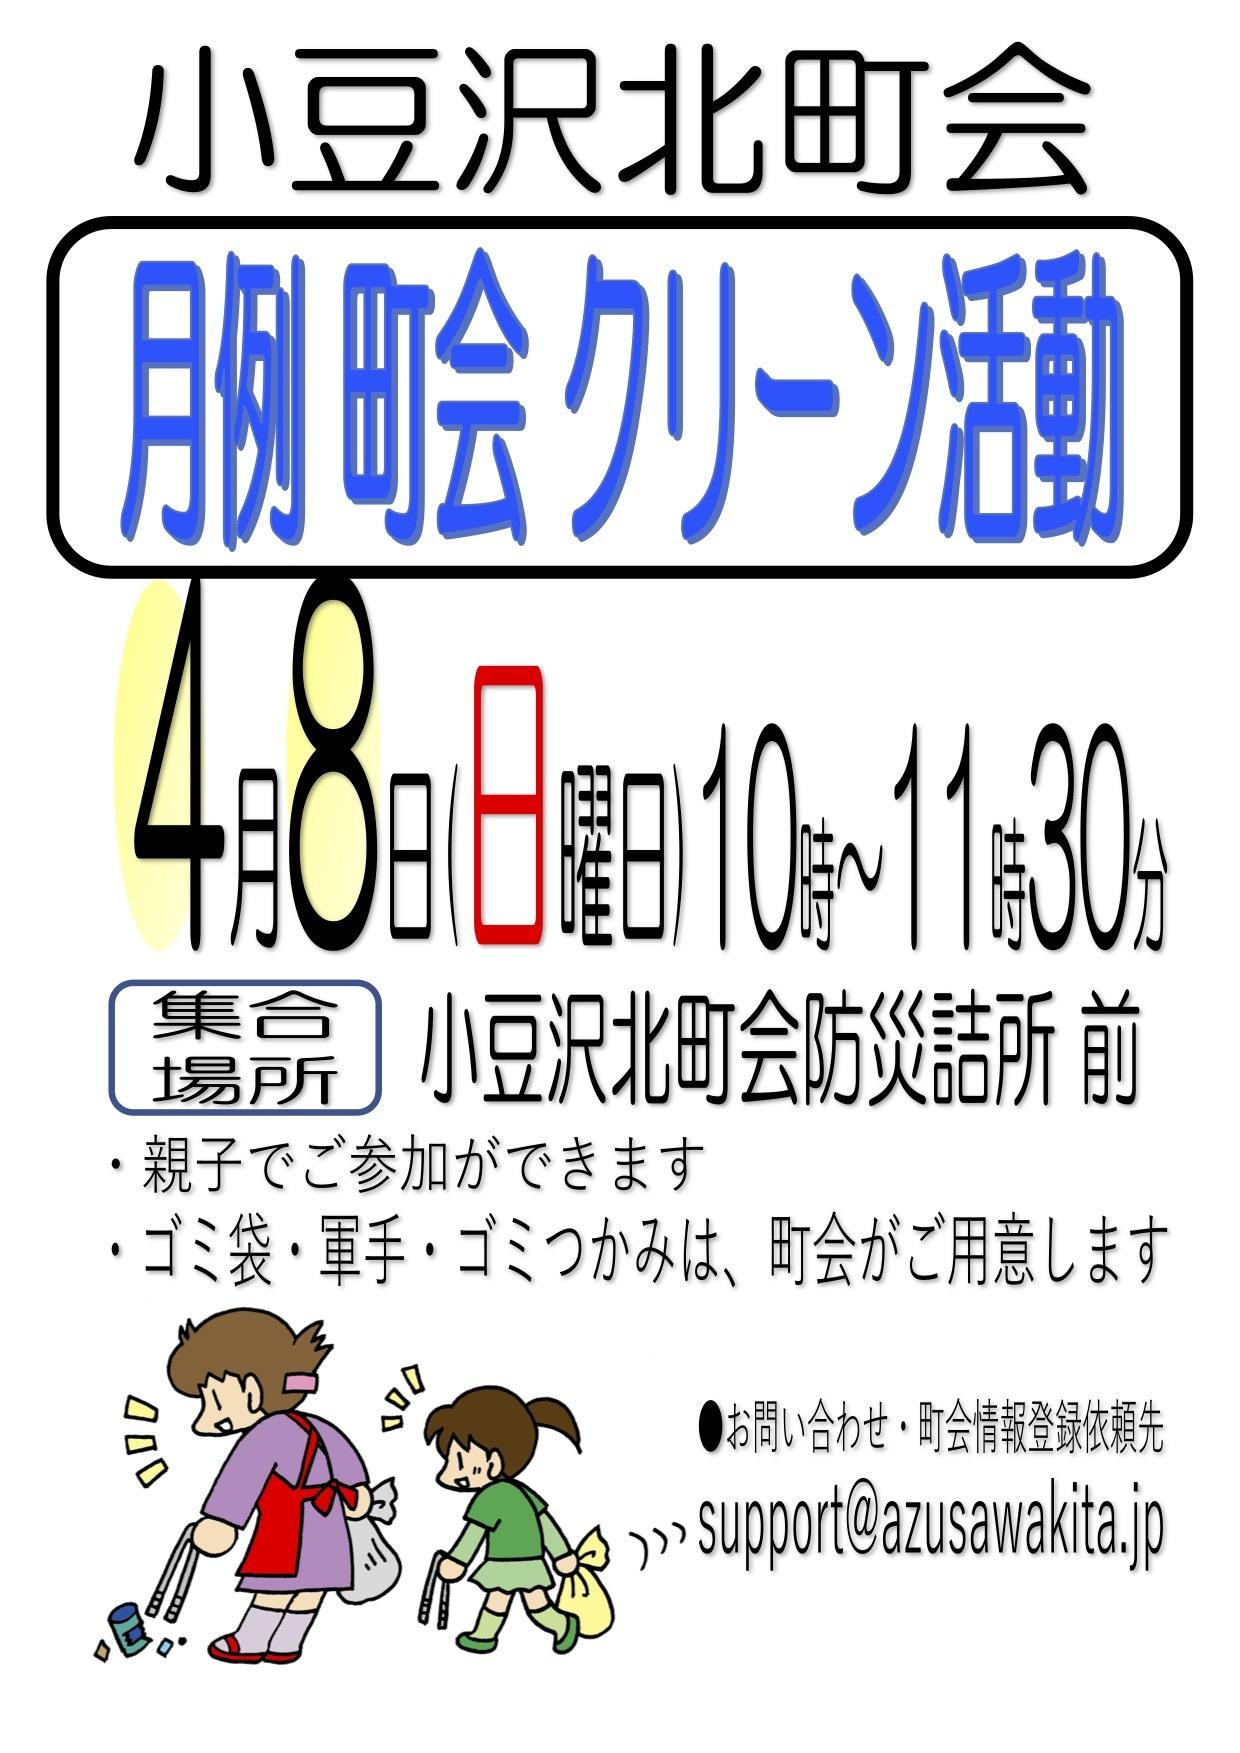 2018年4月8日(日)月例町会クリーン活動